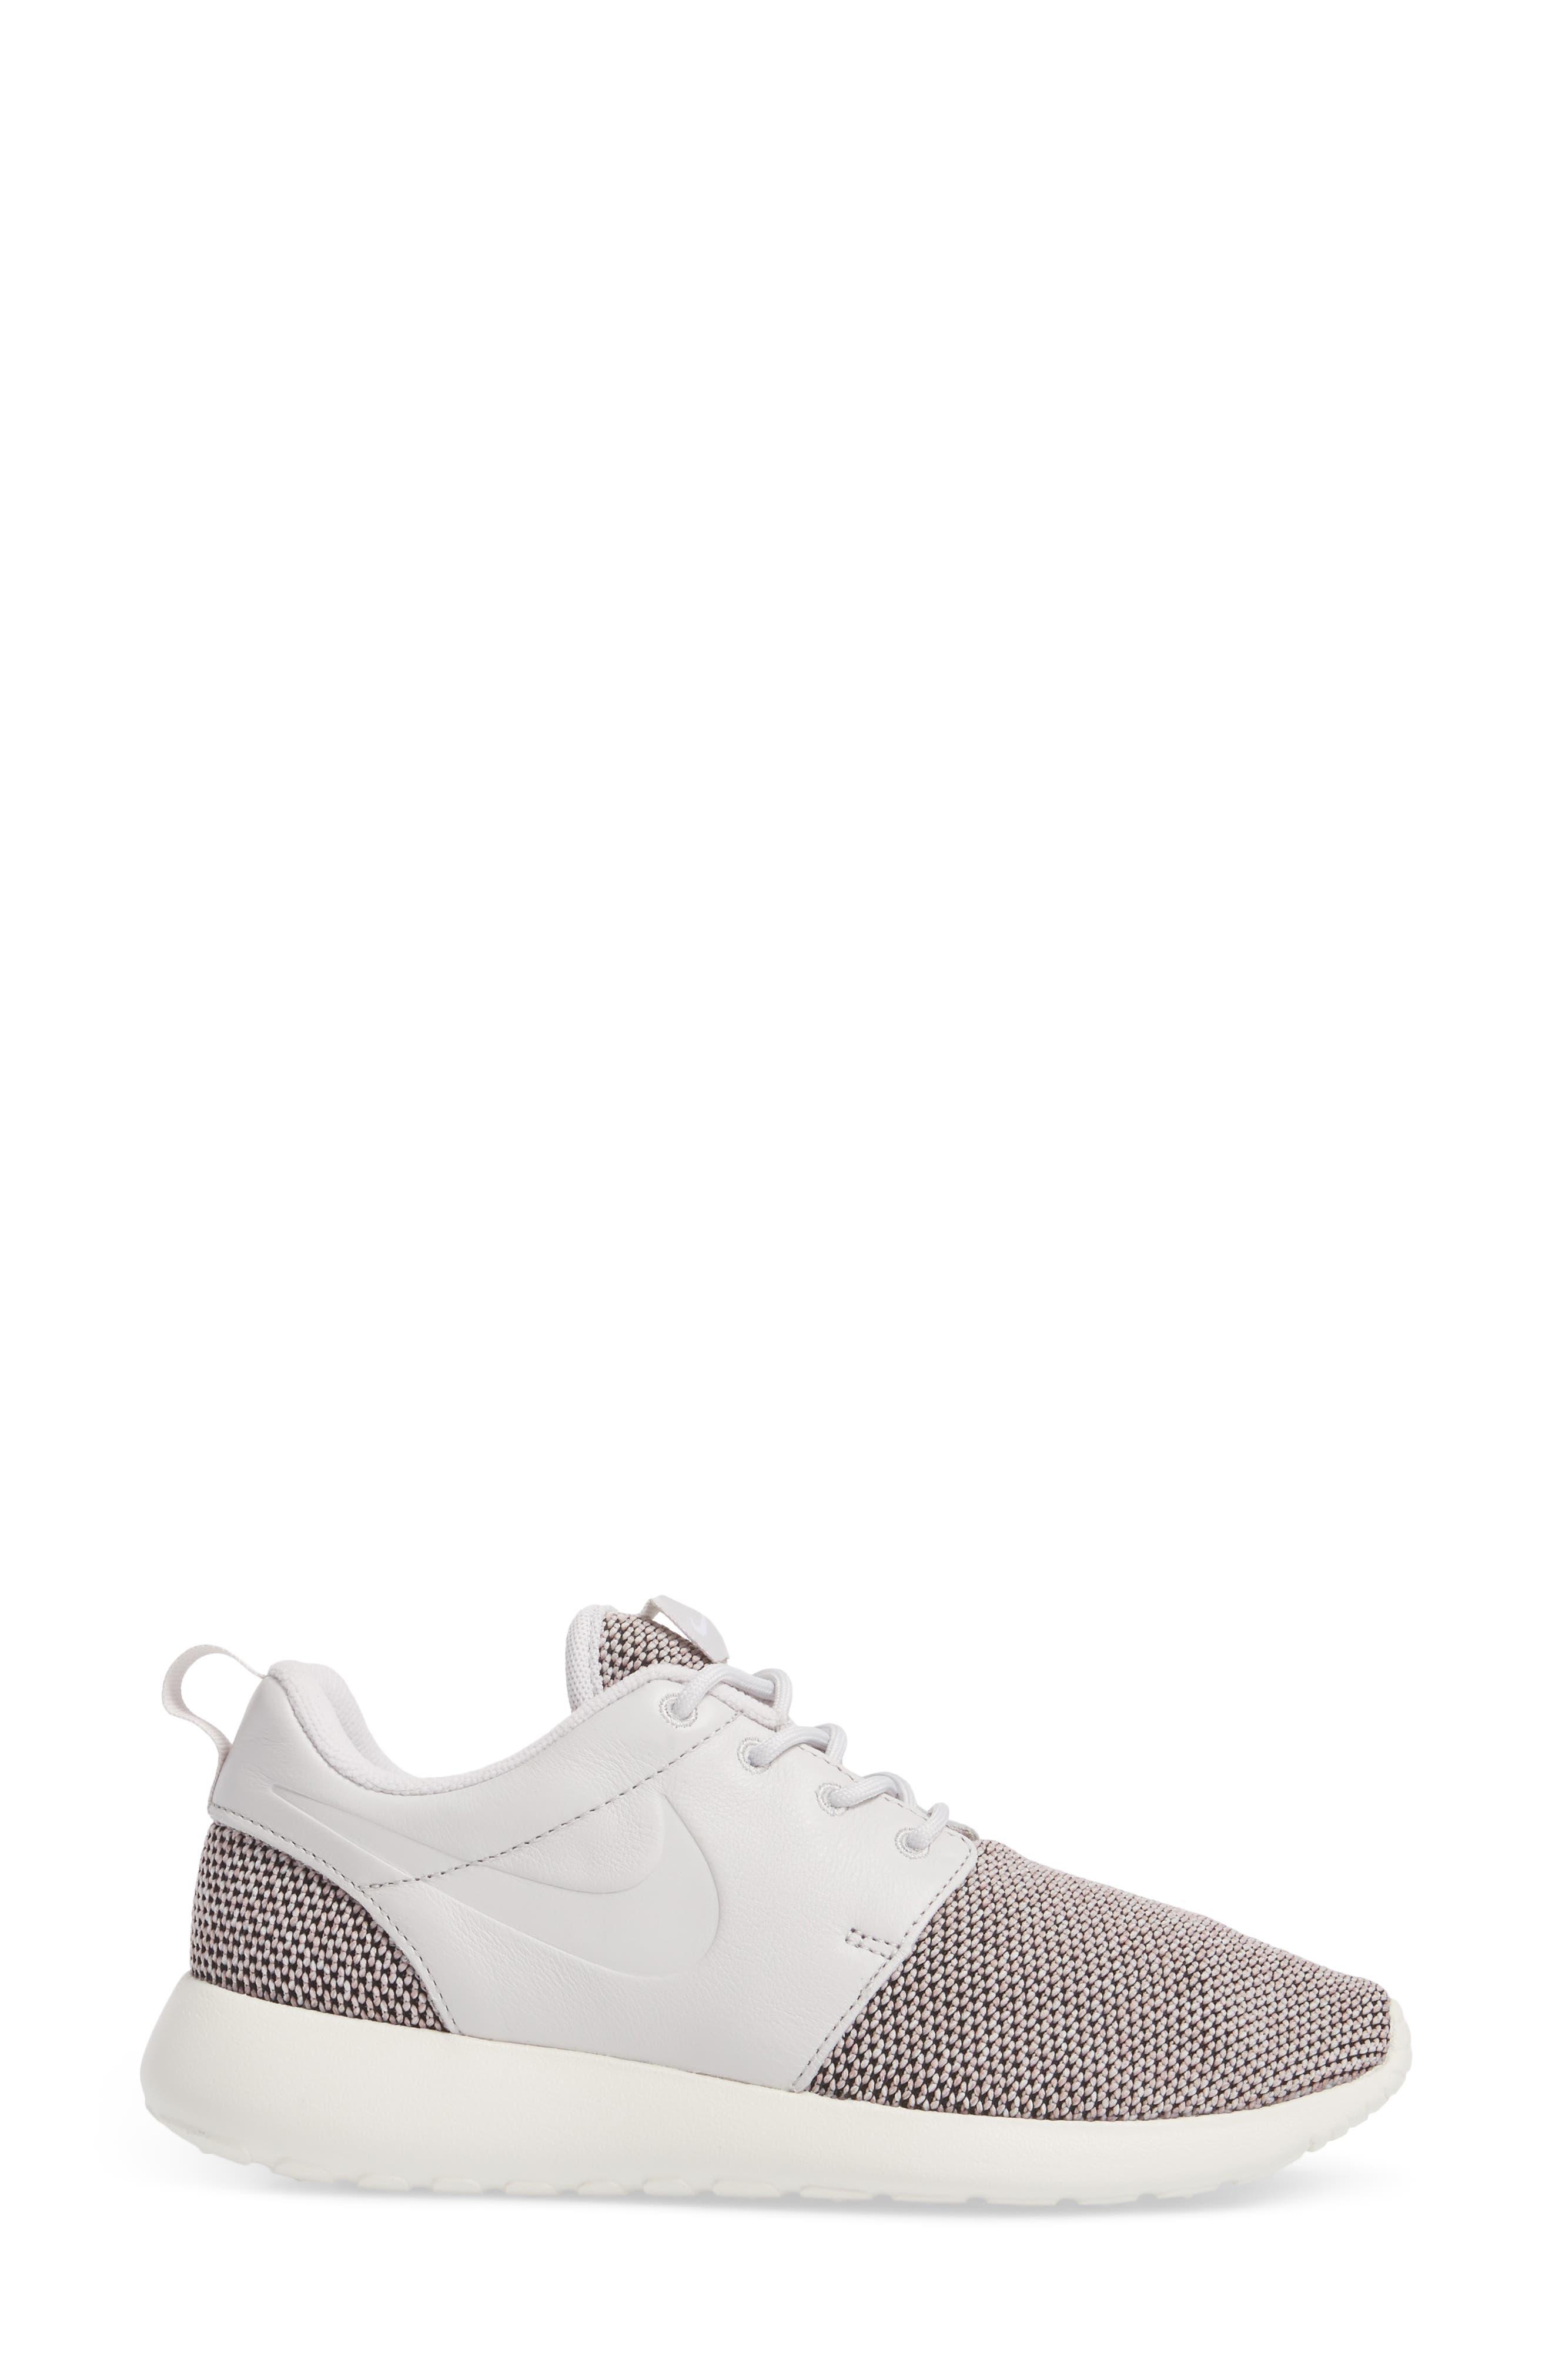 Roshe One Knit Sneaker,                             Alternate thumbnail 6, color,